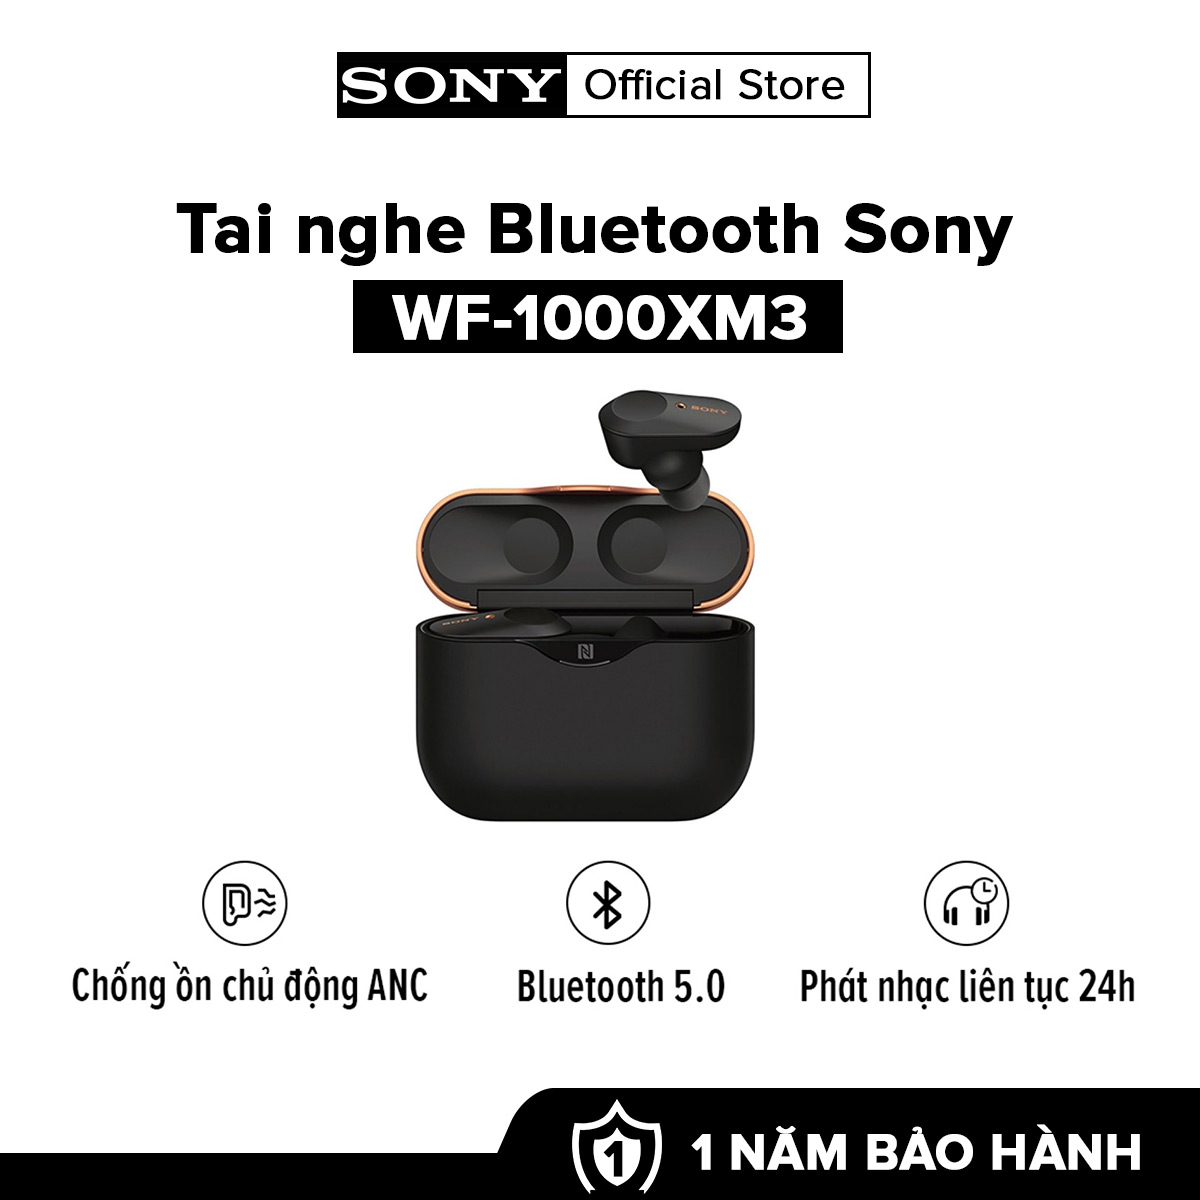 [HÀNG CHÍNH HÃNG - TRẢ GÓP 0%] Tai nghe Sony True Wireless WF-1000XM3 l Bluetooth 5.0 l Chống ồn chủ động l Google Assistant l Phát nhạc liên tục 8h